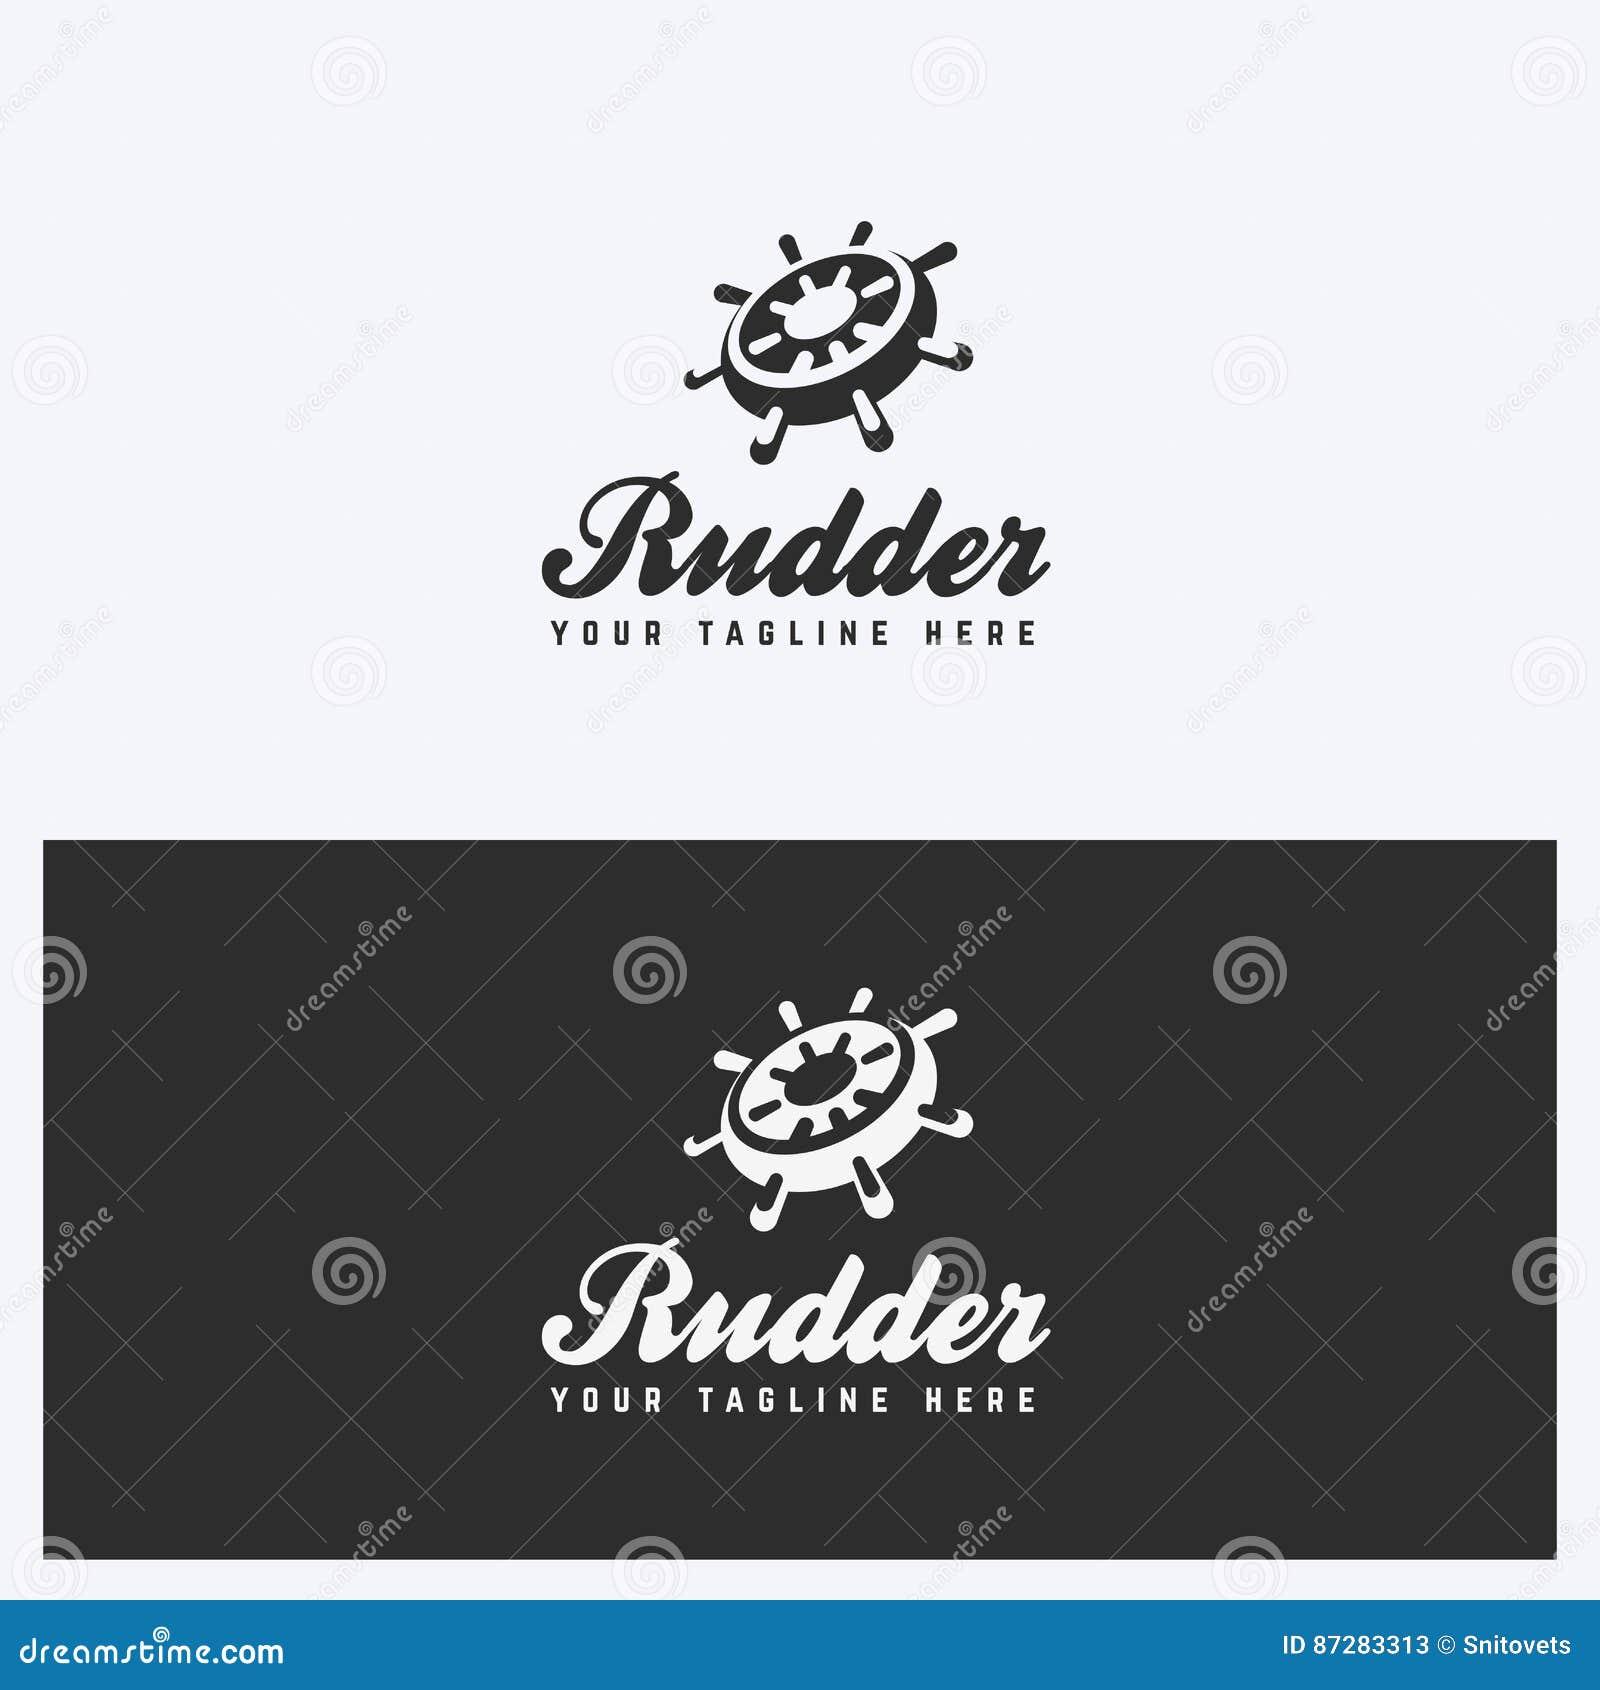 Steuer, Helm Logo Design Template Segeln, Seethema Einfache Und ...